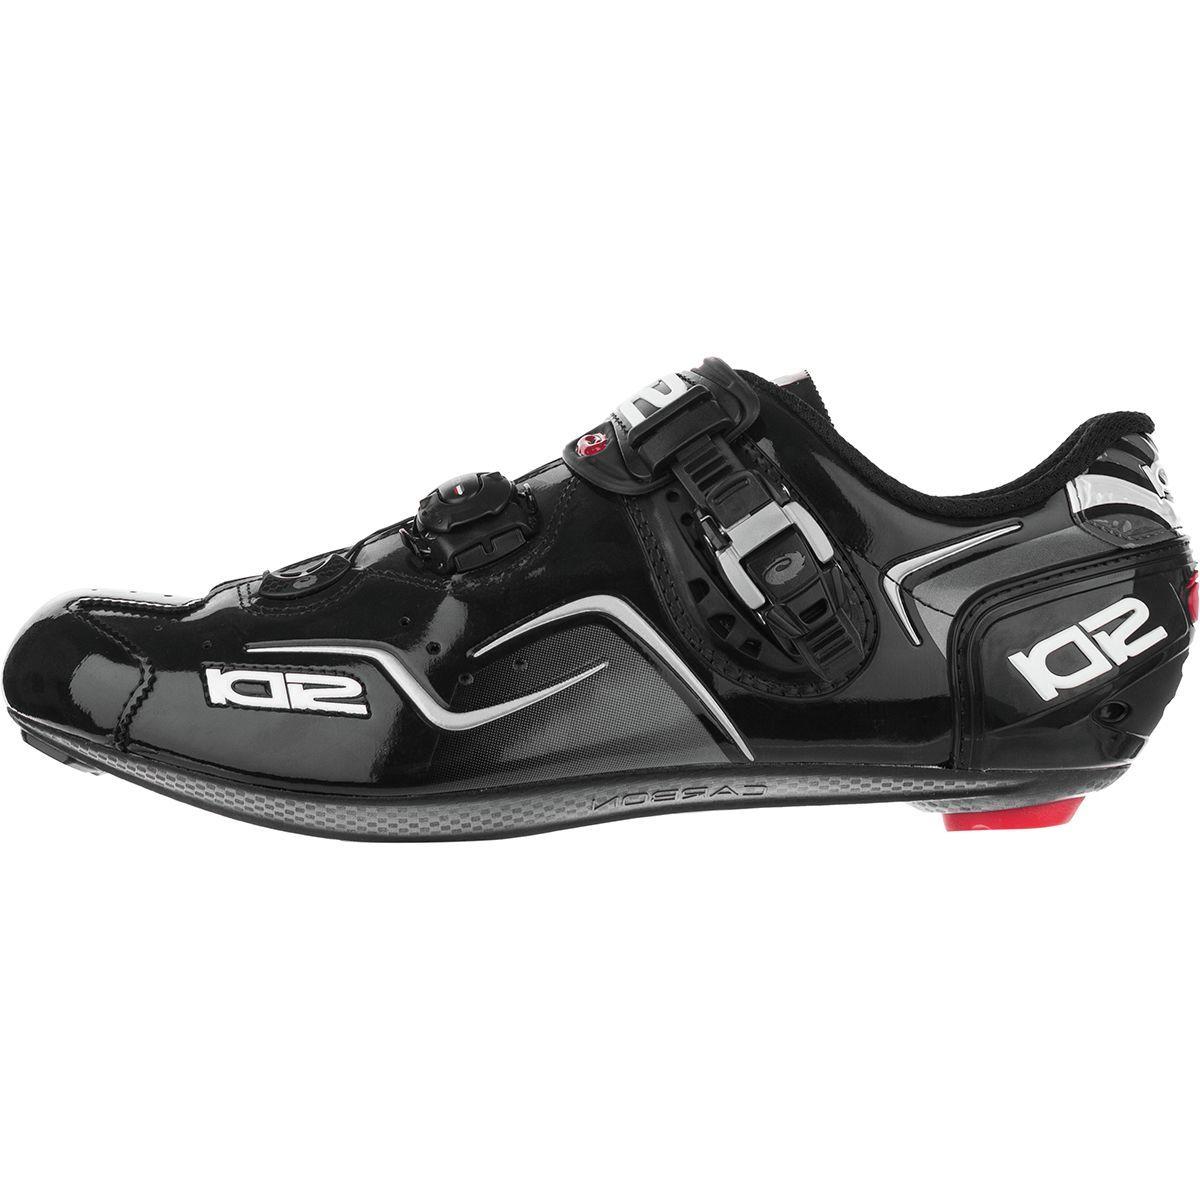 Sidi Kaos Carbon Cycling Shoe - Men's